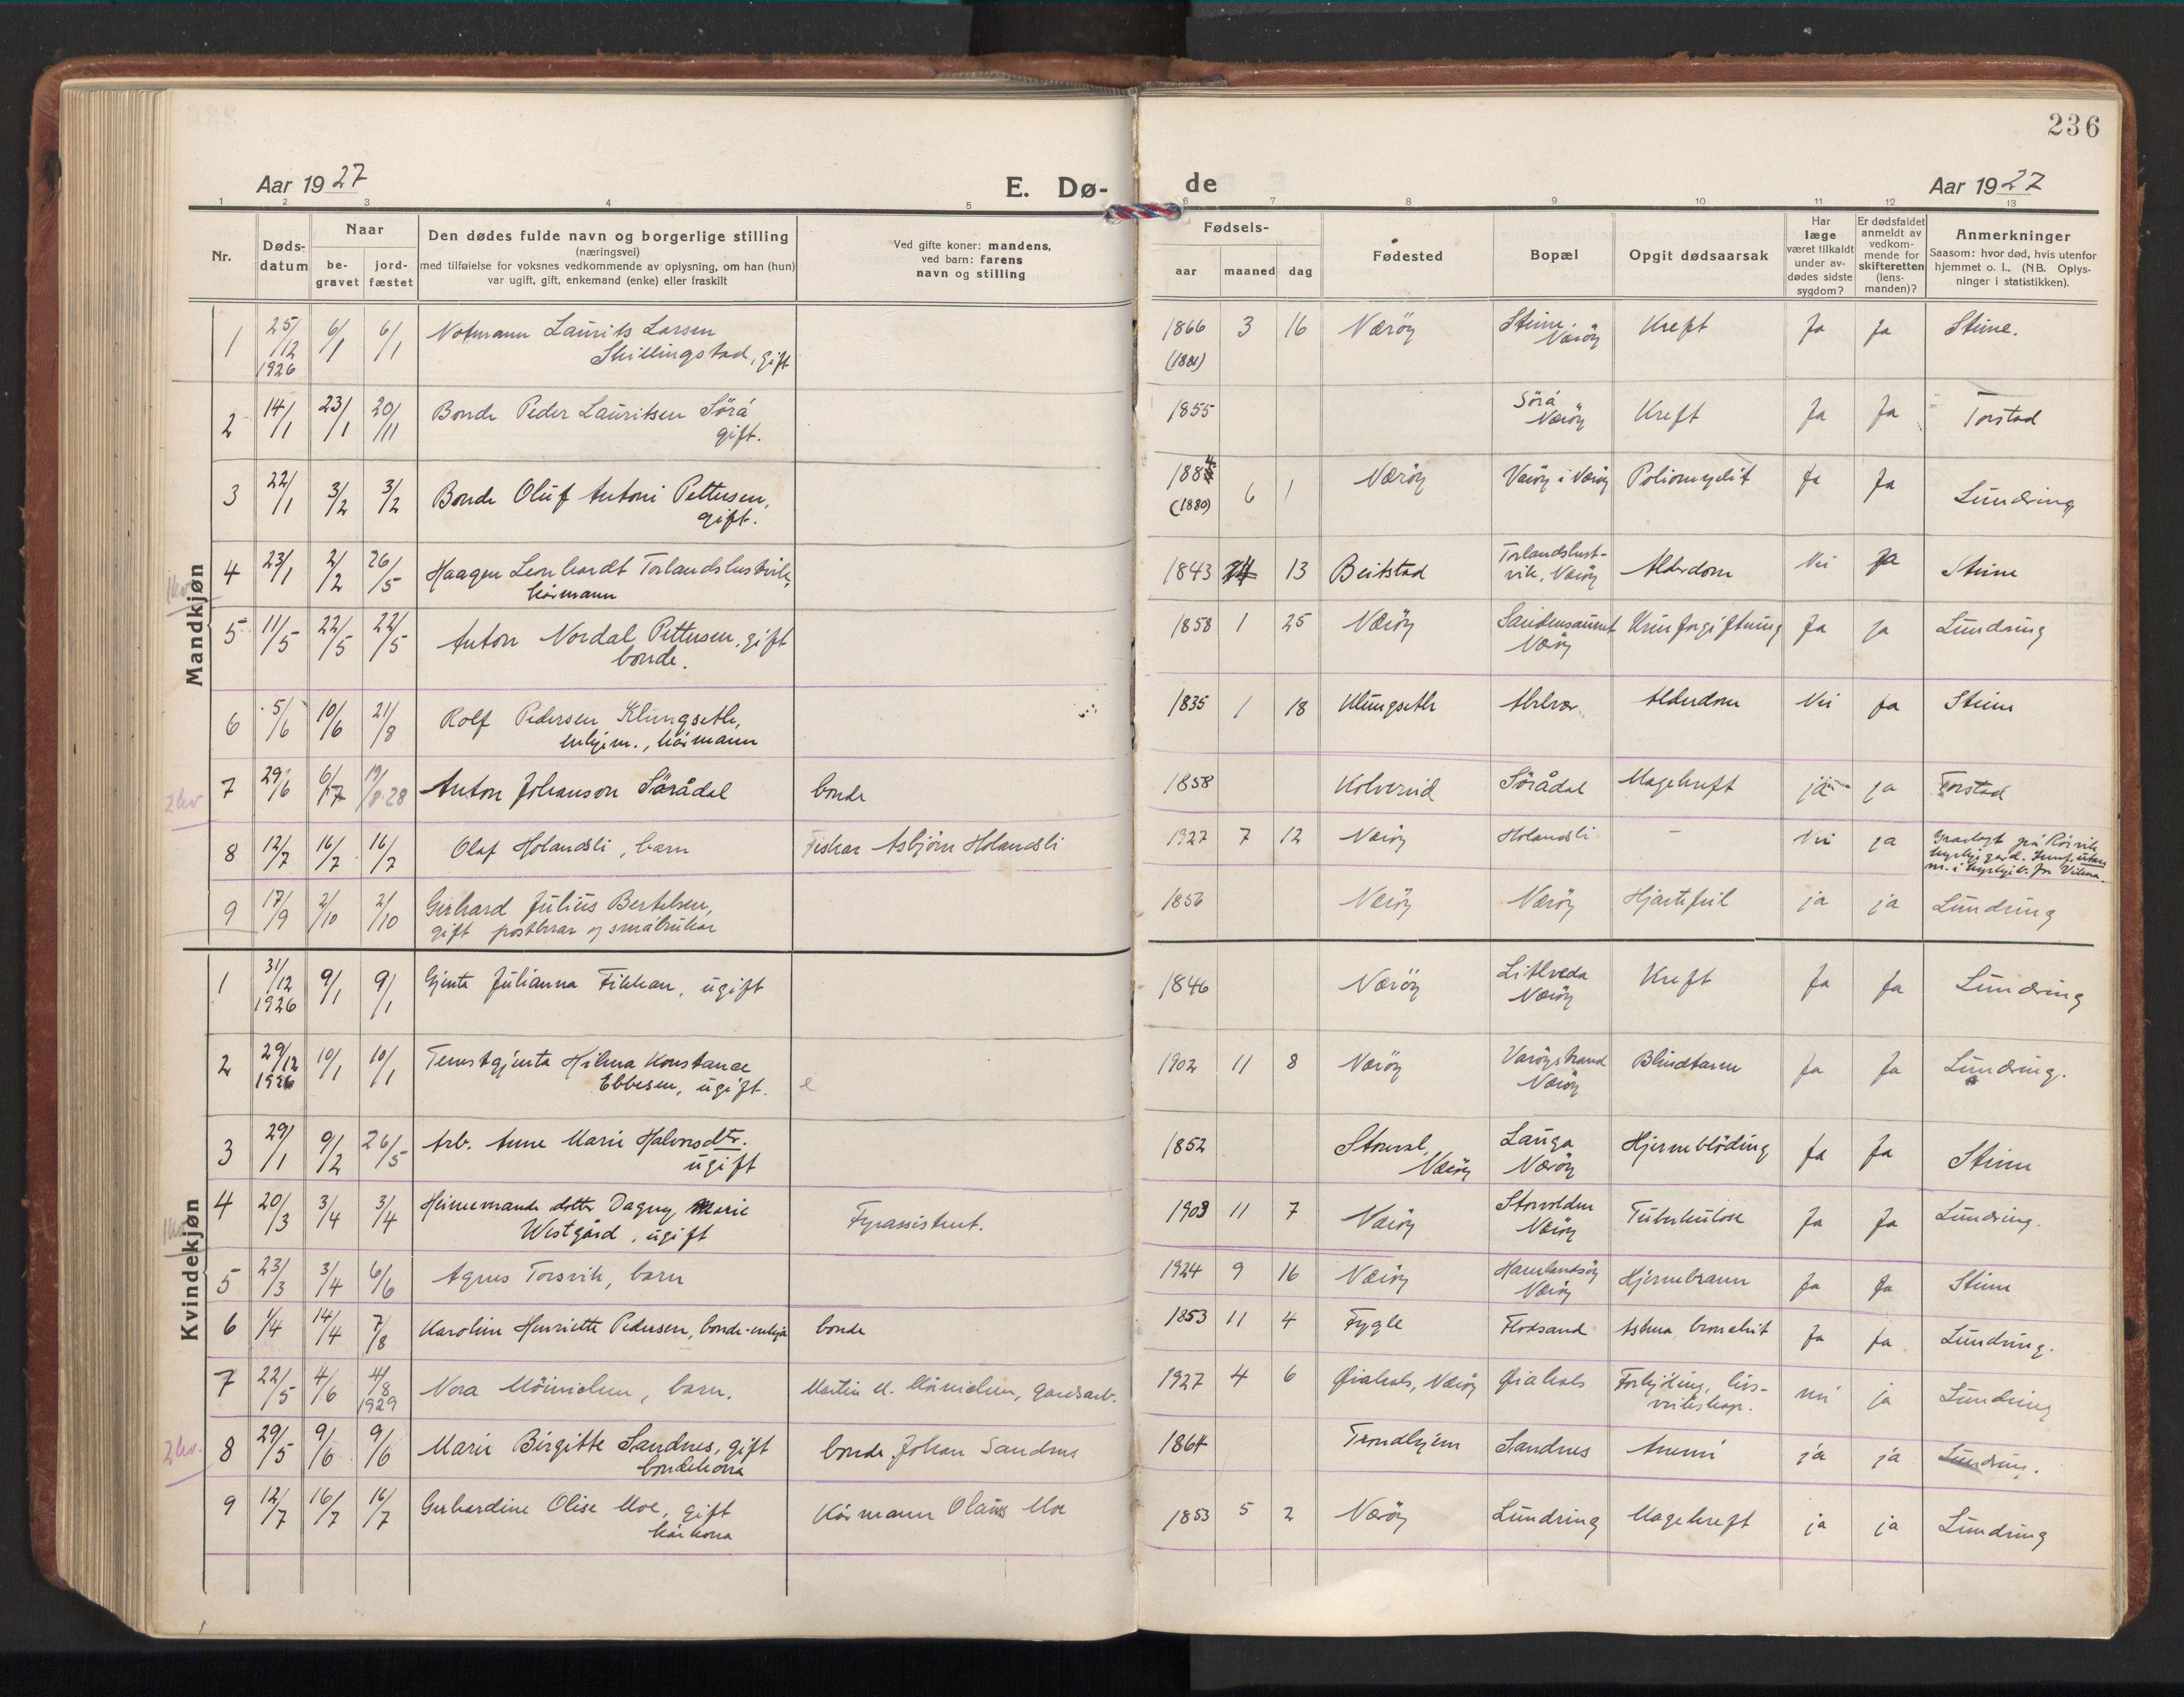 SAT, Ministerialprotokoller, klokkerbøker og fødselsregistre - Nord-Trøndelag, 784/L0678: Ministerialbok nr. 784A13, 1921-1938, s. 236